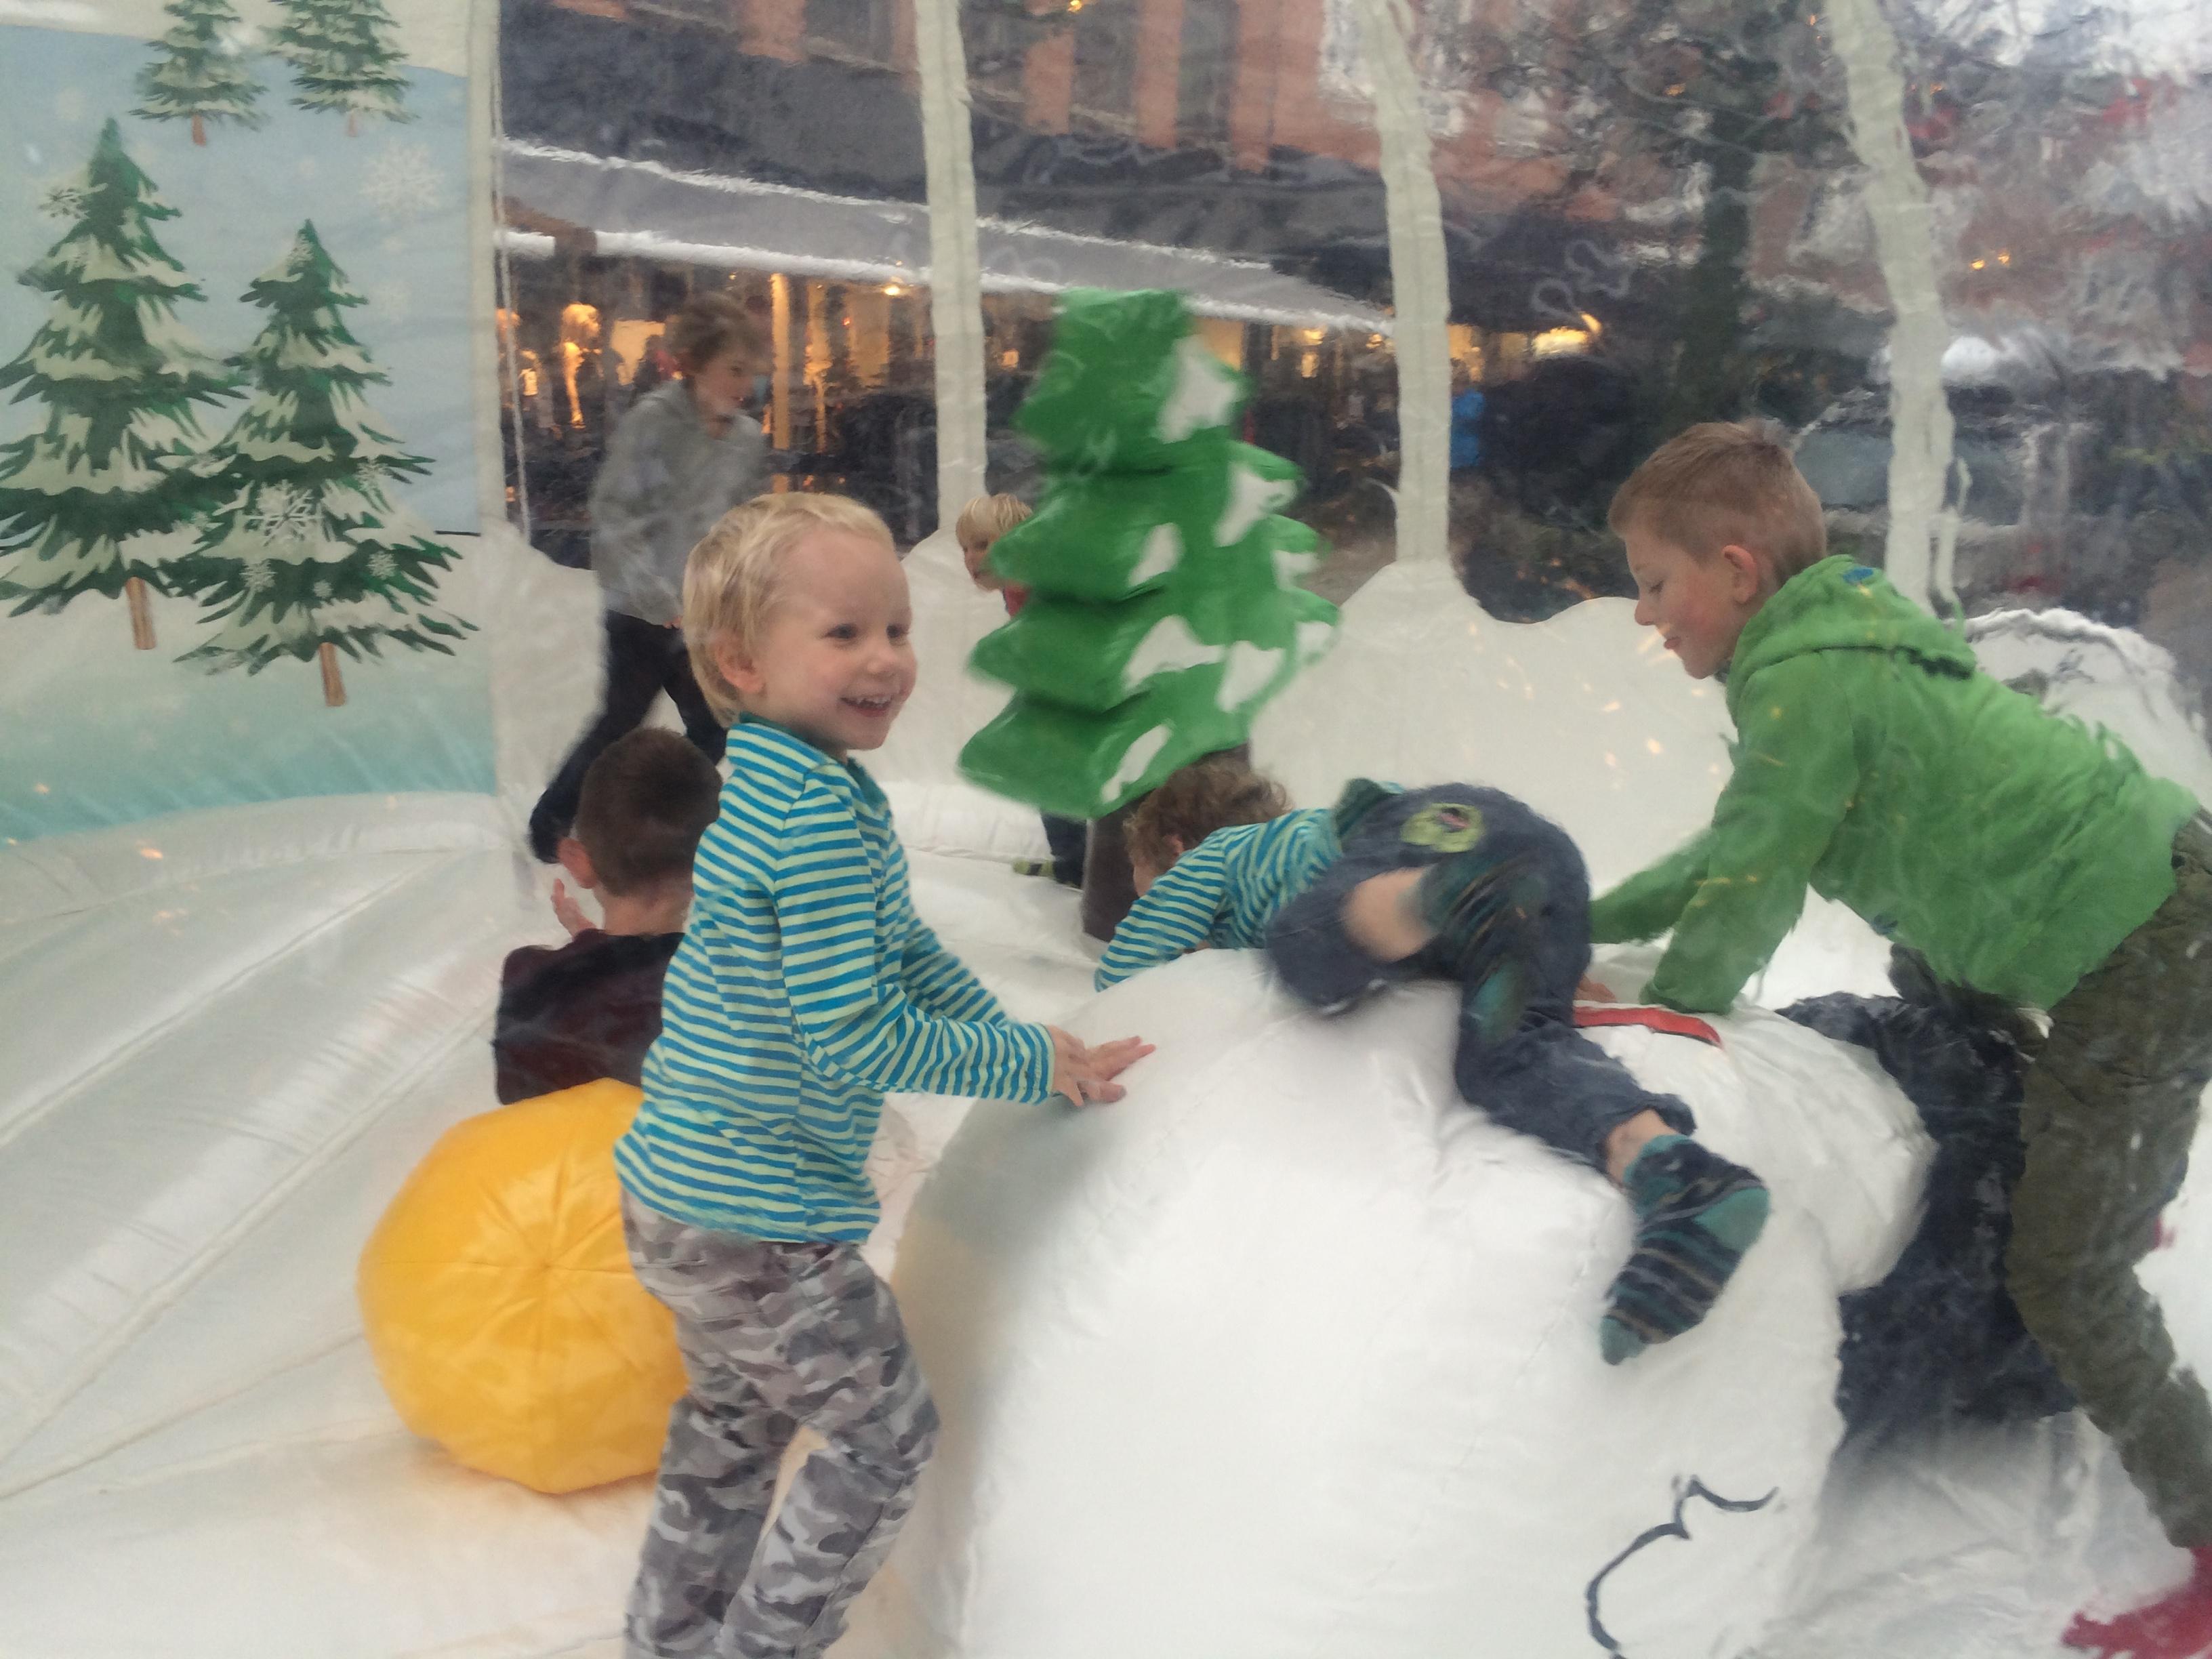 Sjov for børn, snemand, jul